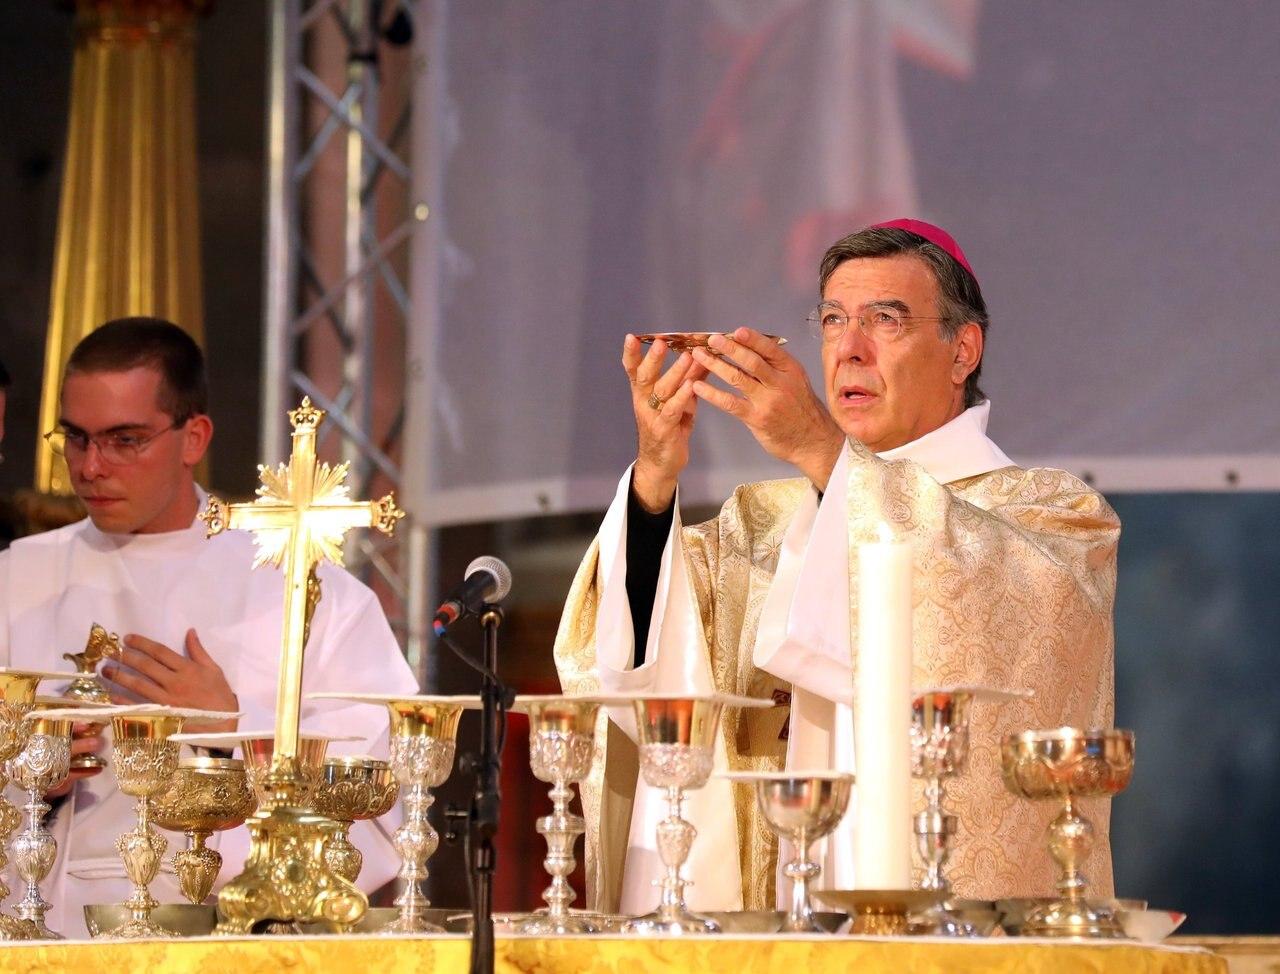 Bioéthique catholique : un blog créé pour les catholiques  répondant à l'appel. - Page 4 276e497e-c3f9-11e8-bfc0-d34ee9c61331_1